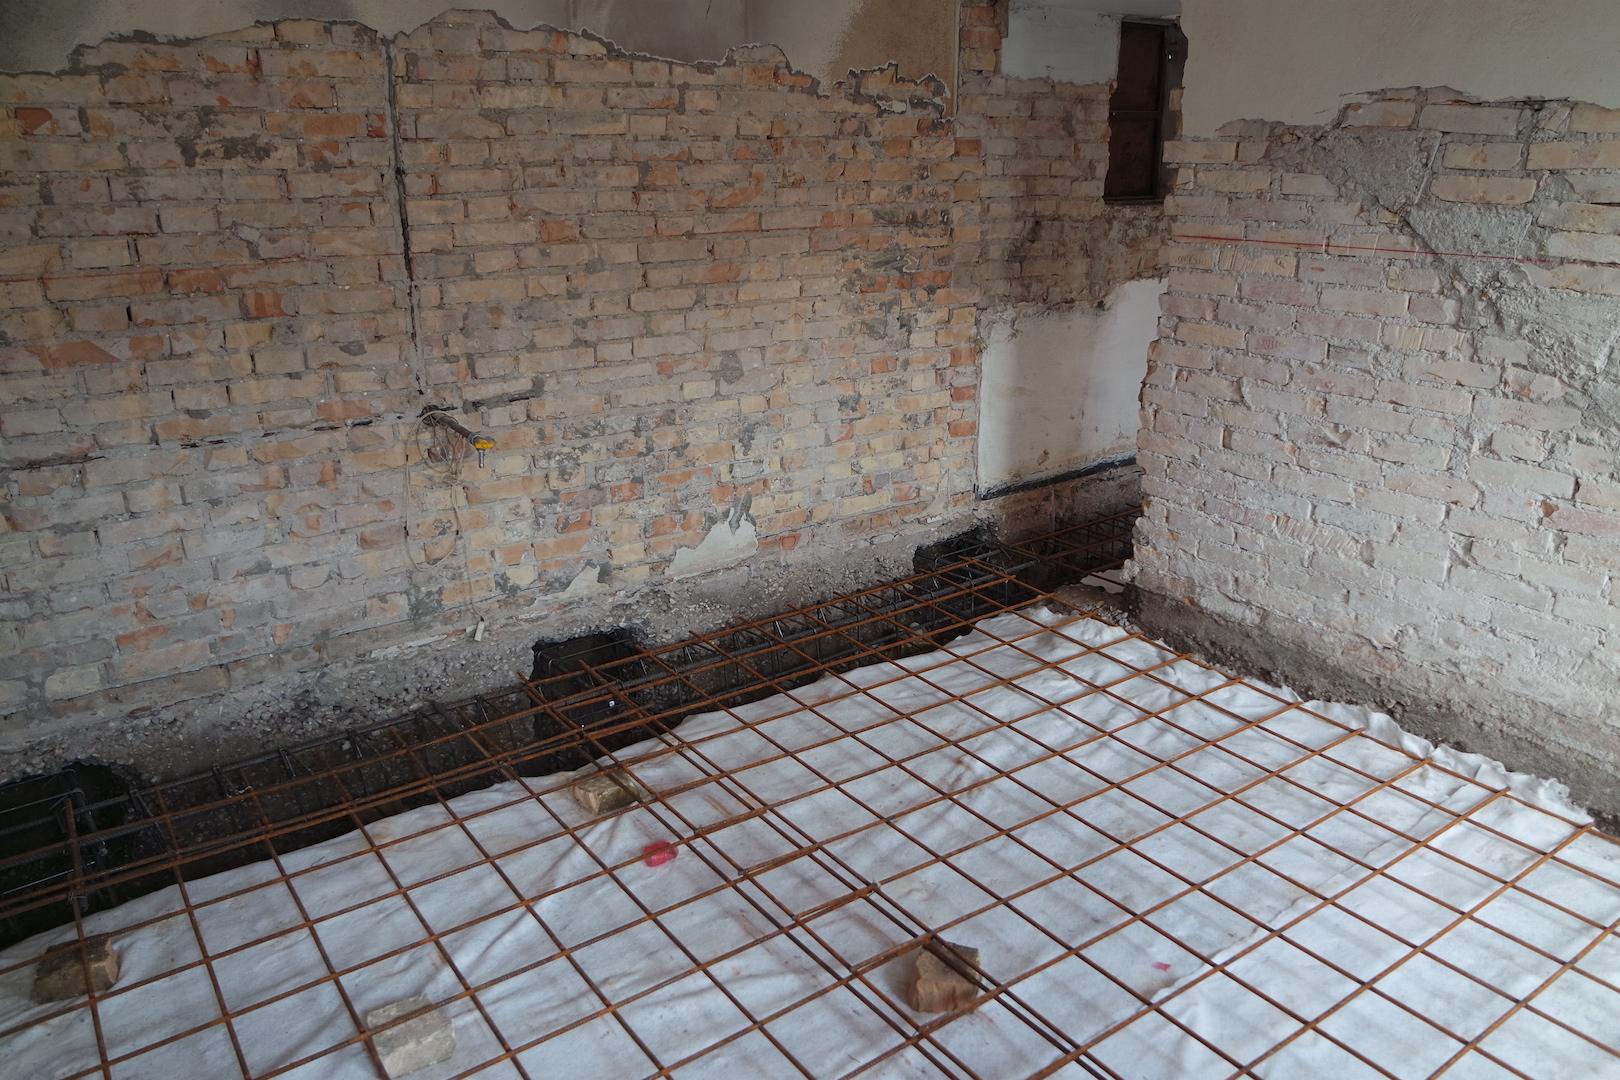 Consolidamento fondamenta ristrutturazione edilizia top team costruzioni - Rifacimento bagno manutenzione ordinaria o straordinaria ...